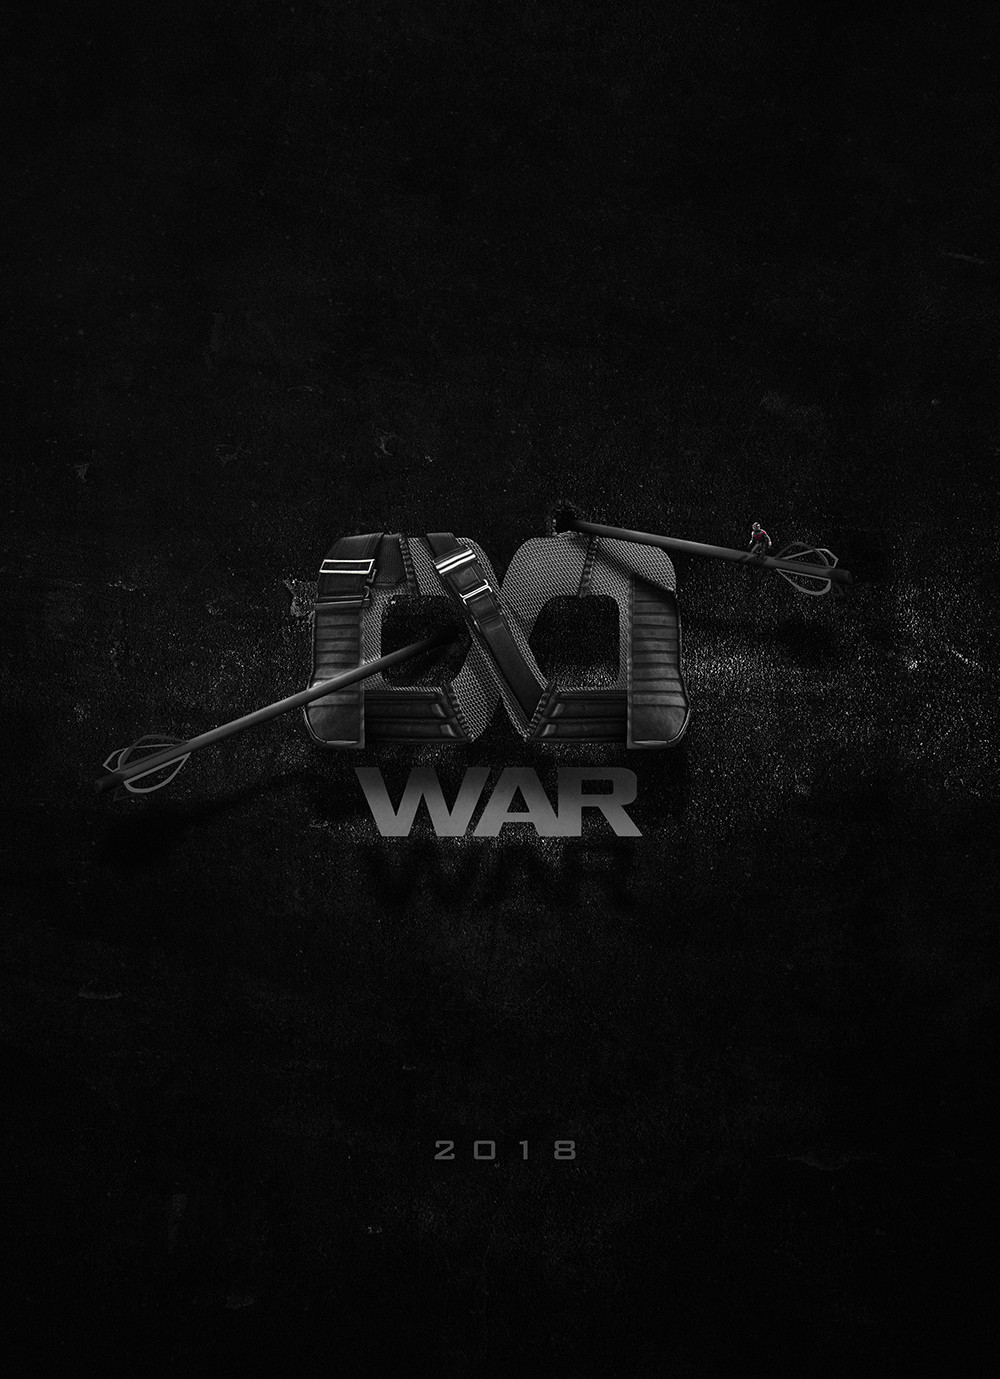 Avengers Infinity War posters by BossLogic Hawkeye